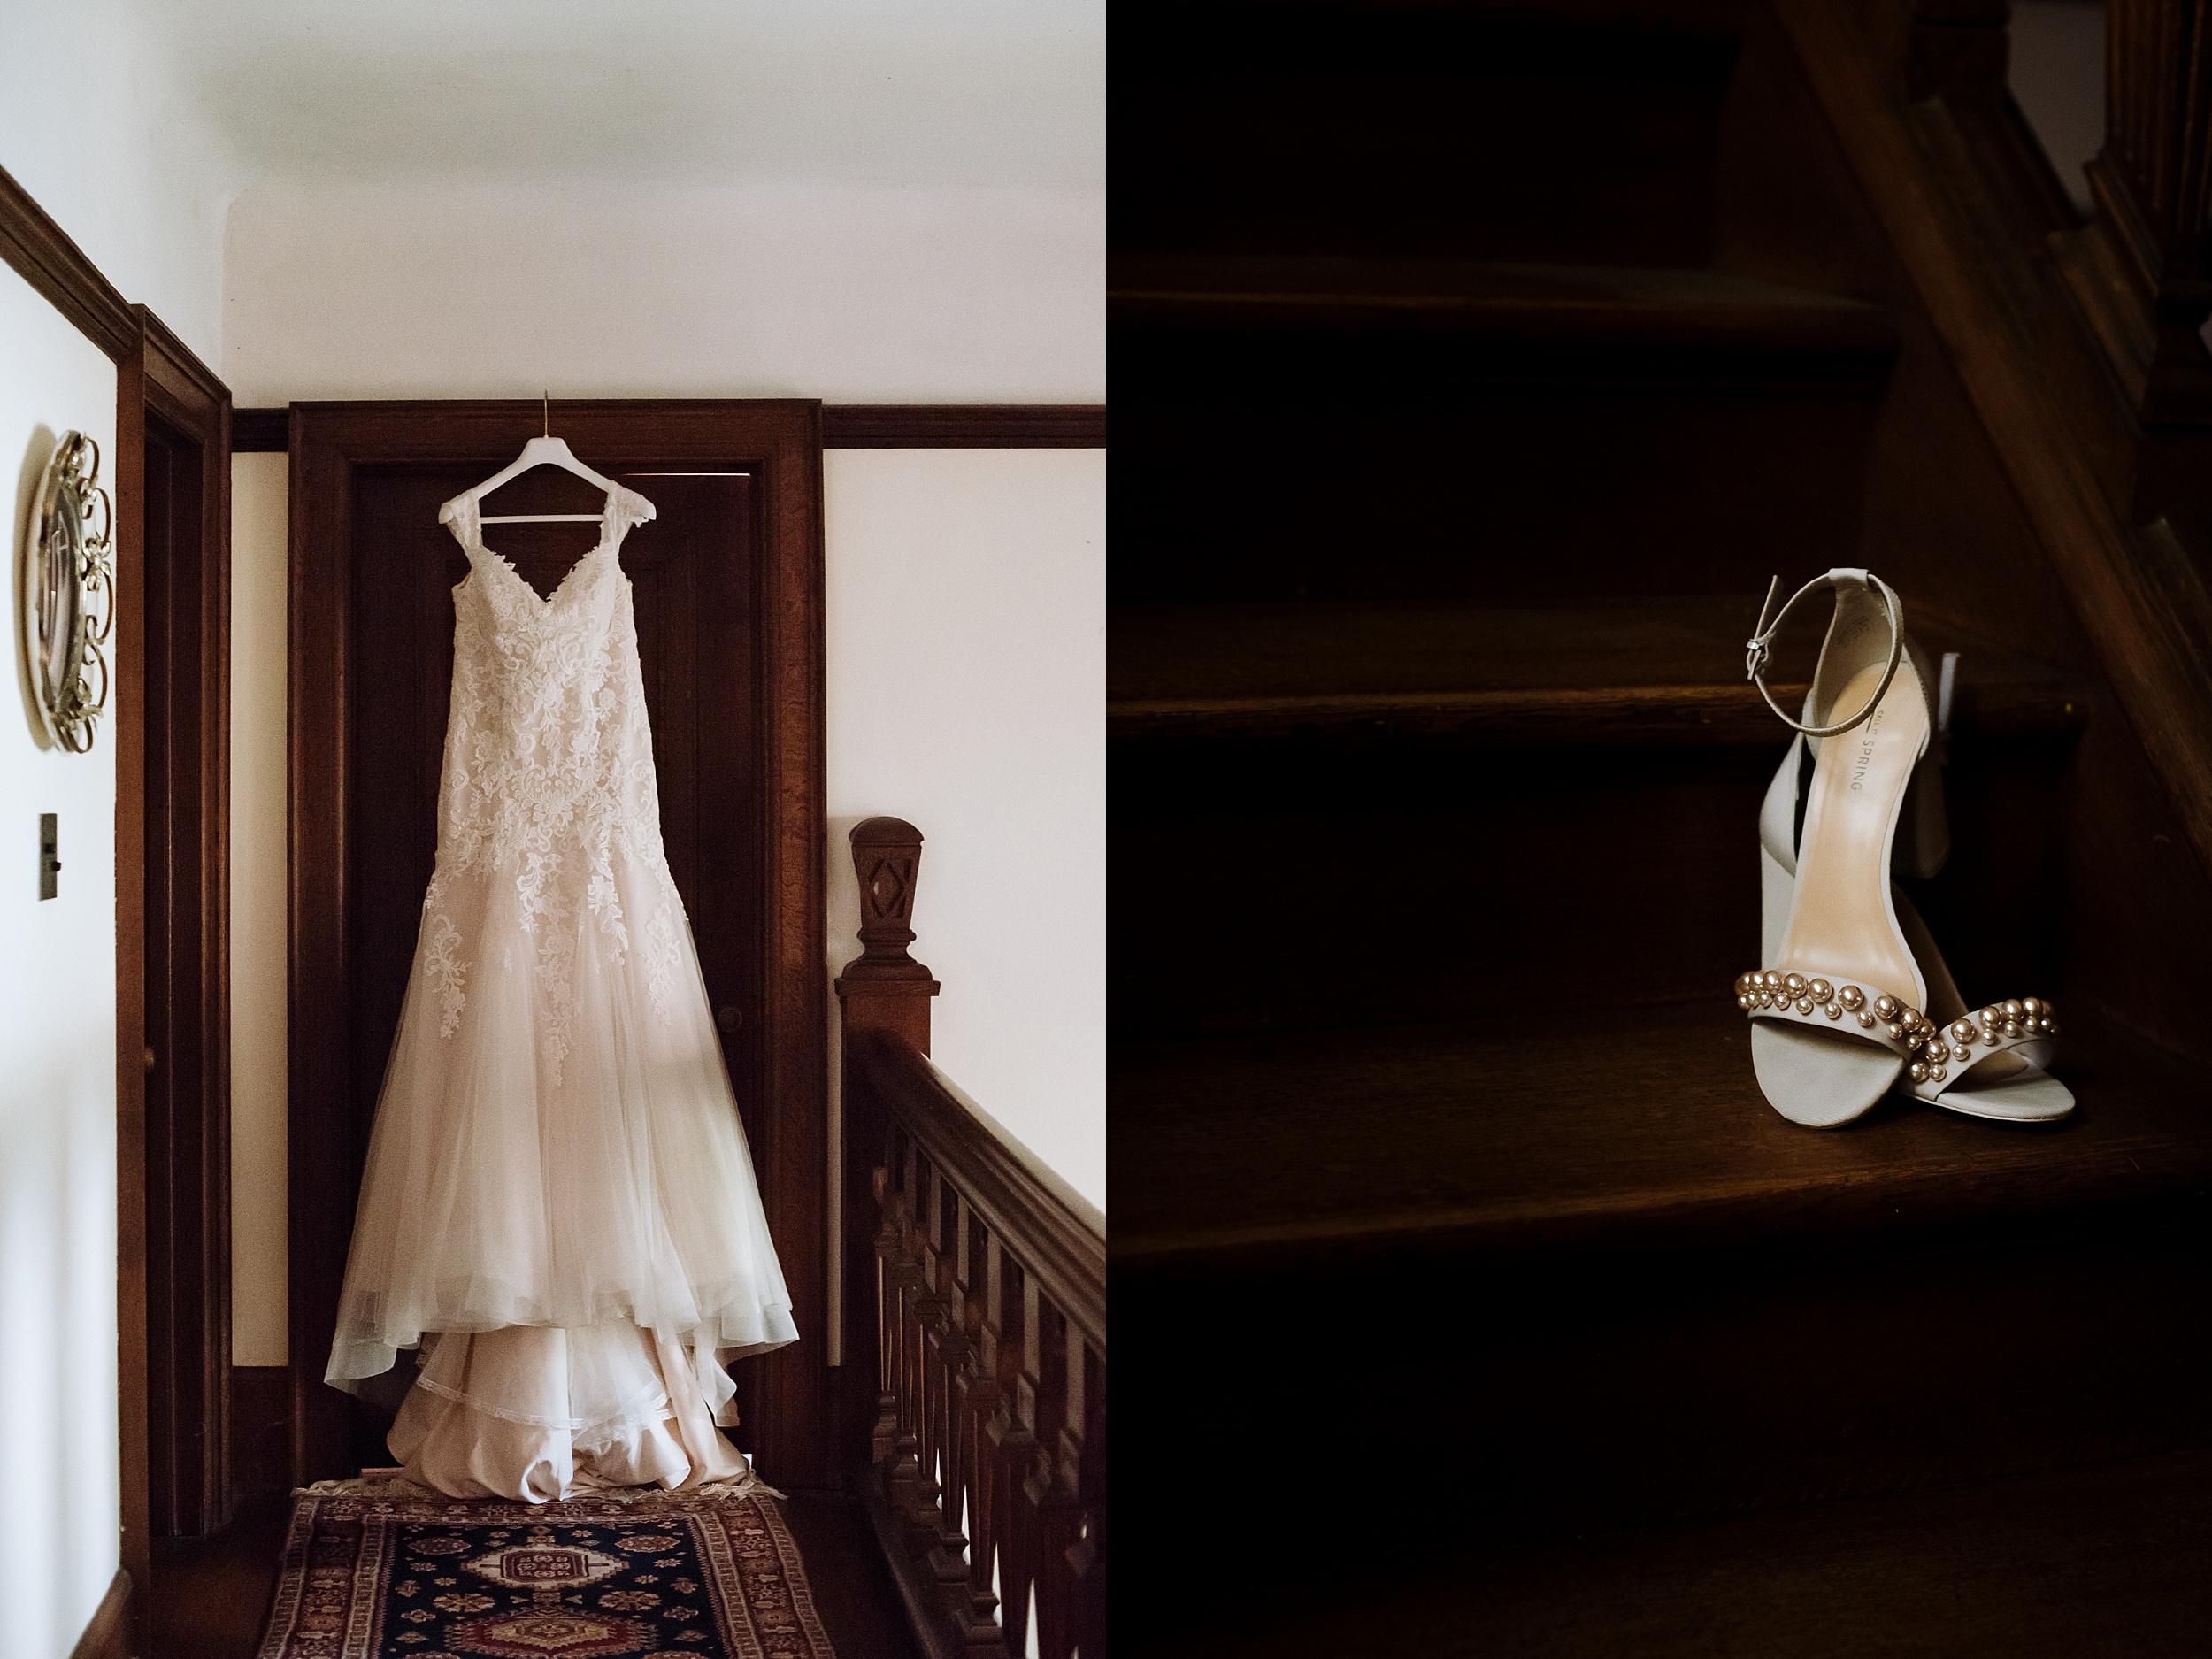 Rustic_Backyard_Wedding_Toronto_Photographer003.jpg